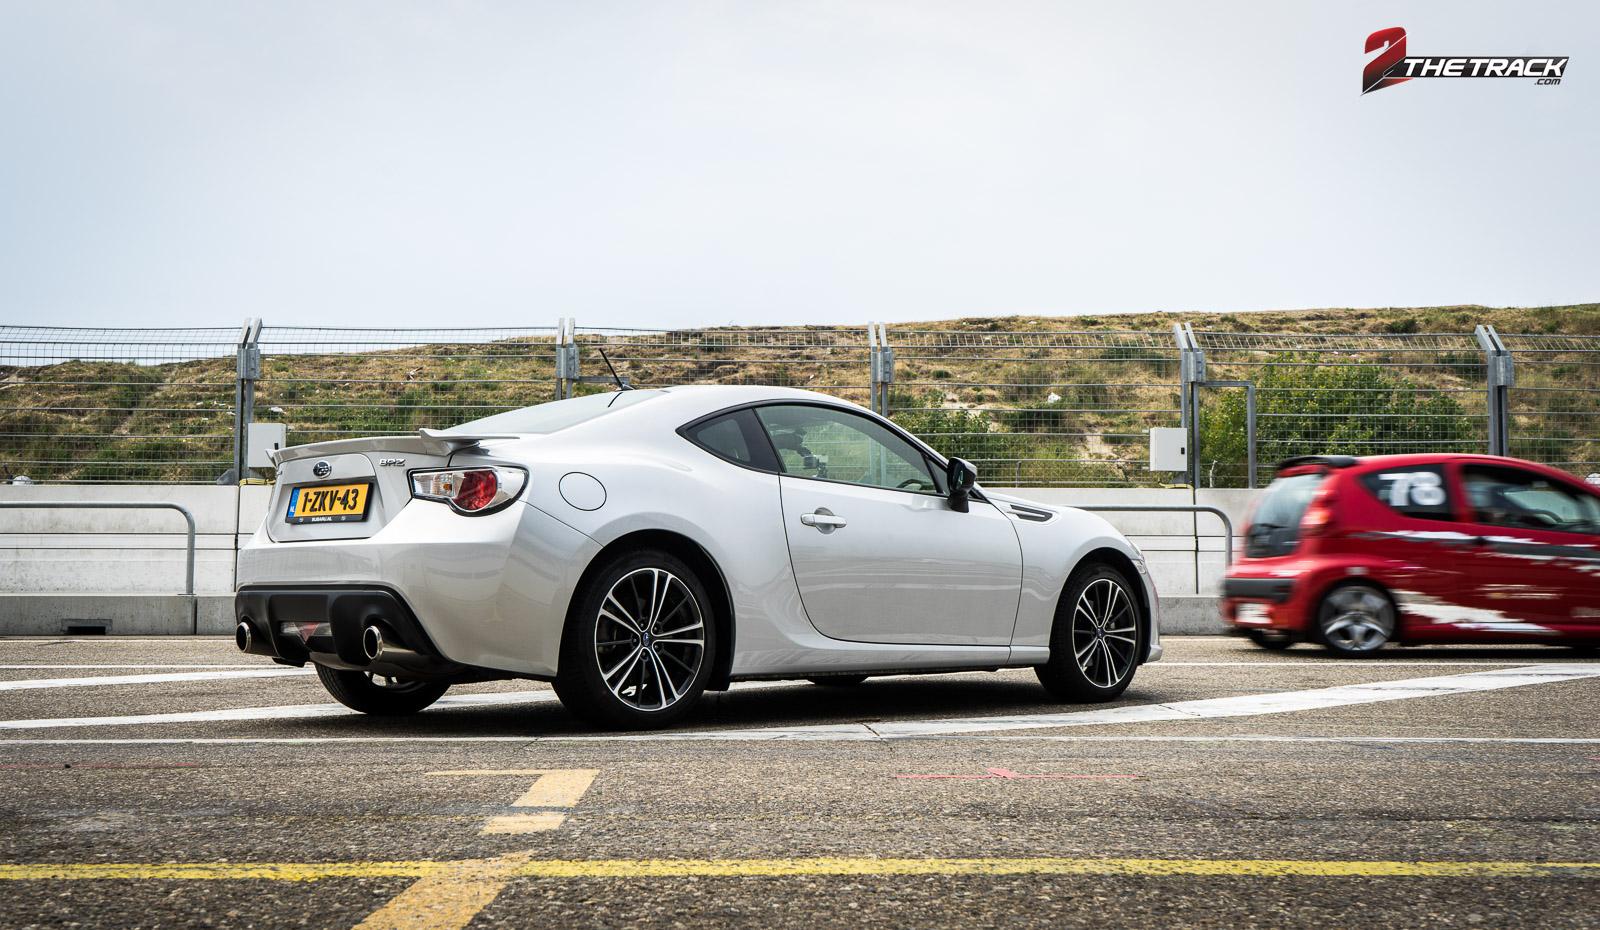 De Subaru BRZ heeft een hoge fun-factor, al word je op rechte stukken vaak ingehaald.